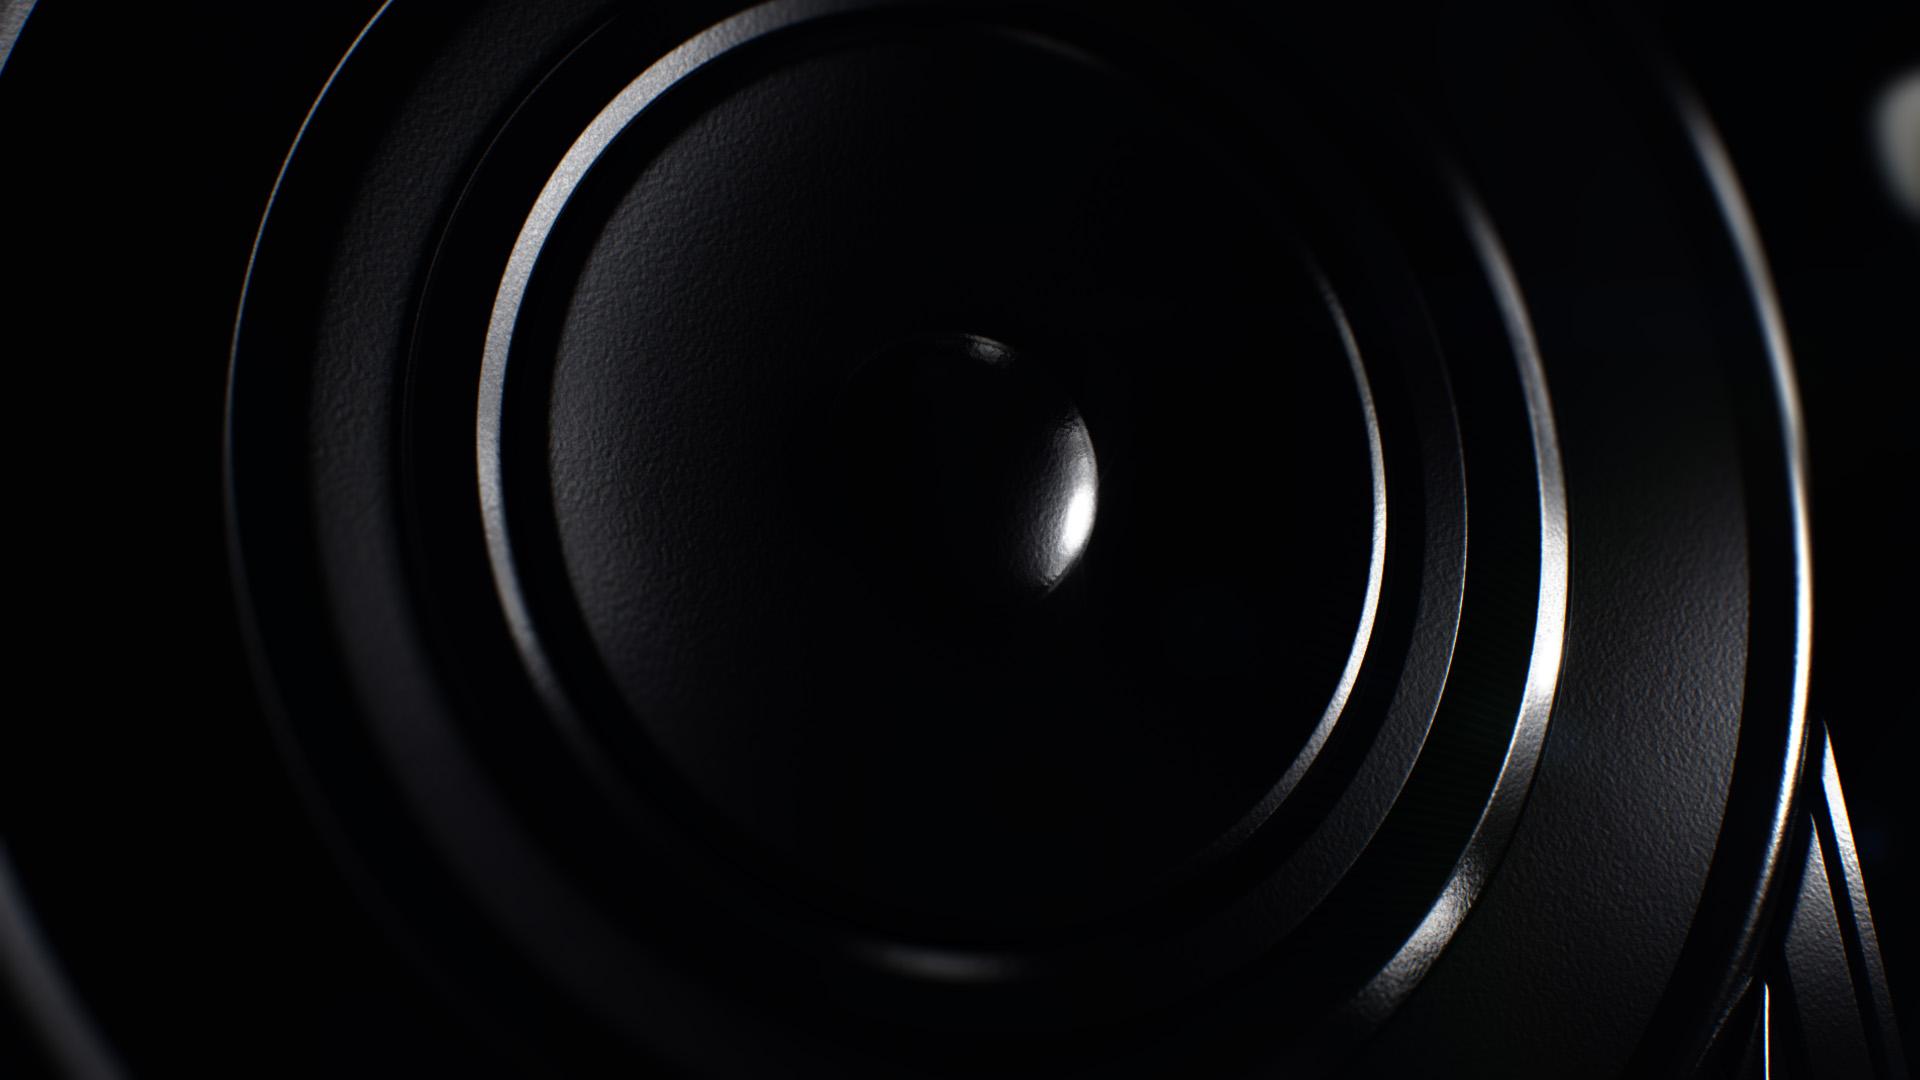 frame_04.jpg